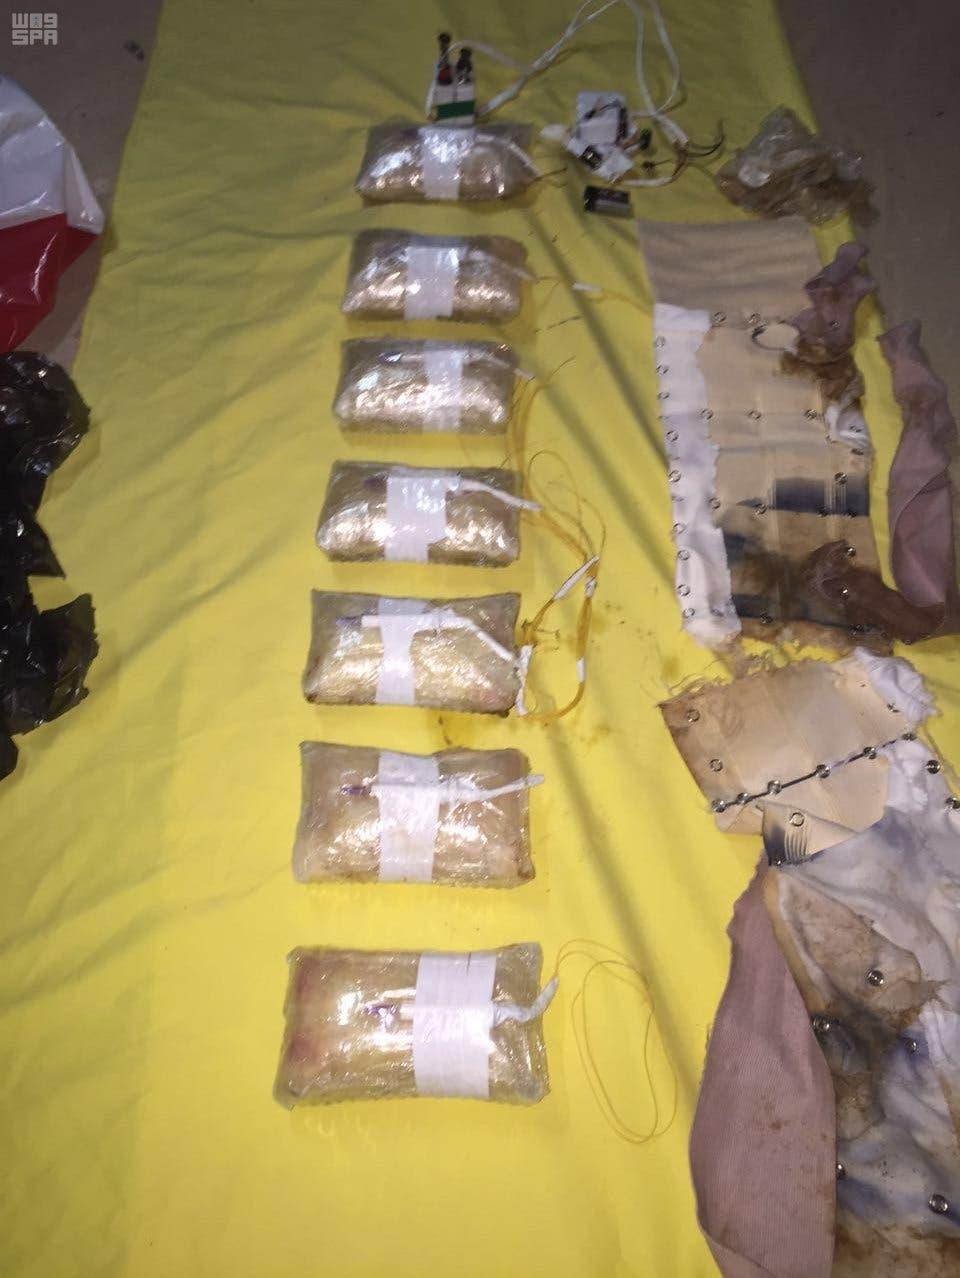 مواد منفجره کشف شده در حوزه عاملان داعش